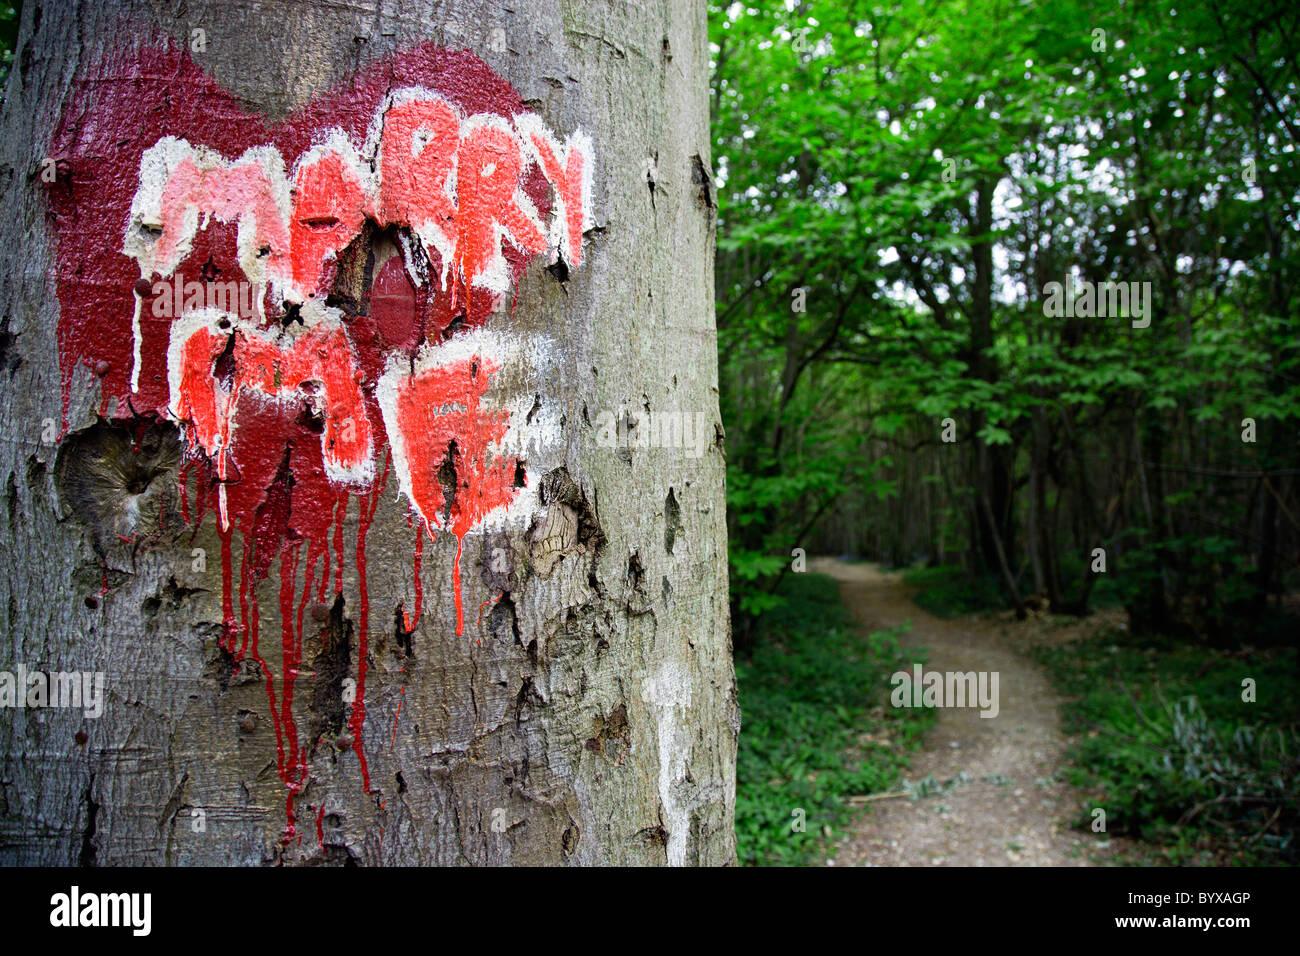 Inghilterra West Sussex Chichester Red Valentino cuore dipinta sul tronco di un albero in una foresta con le parole Immagini Stock